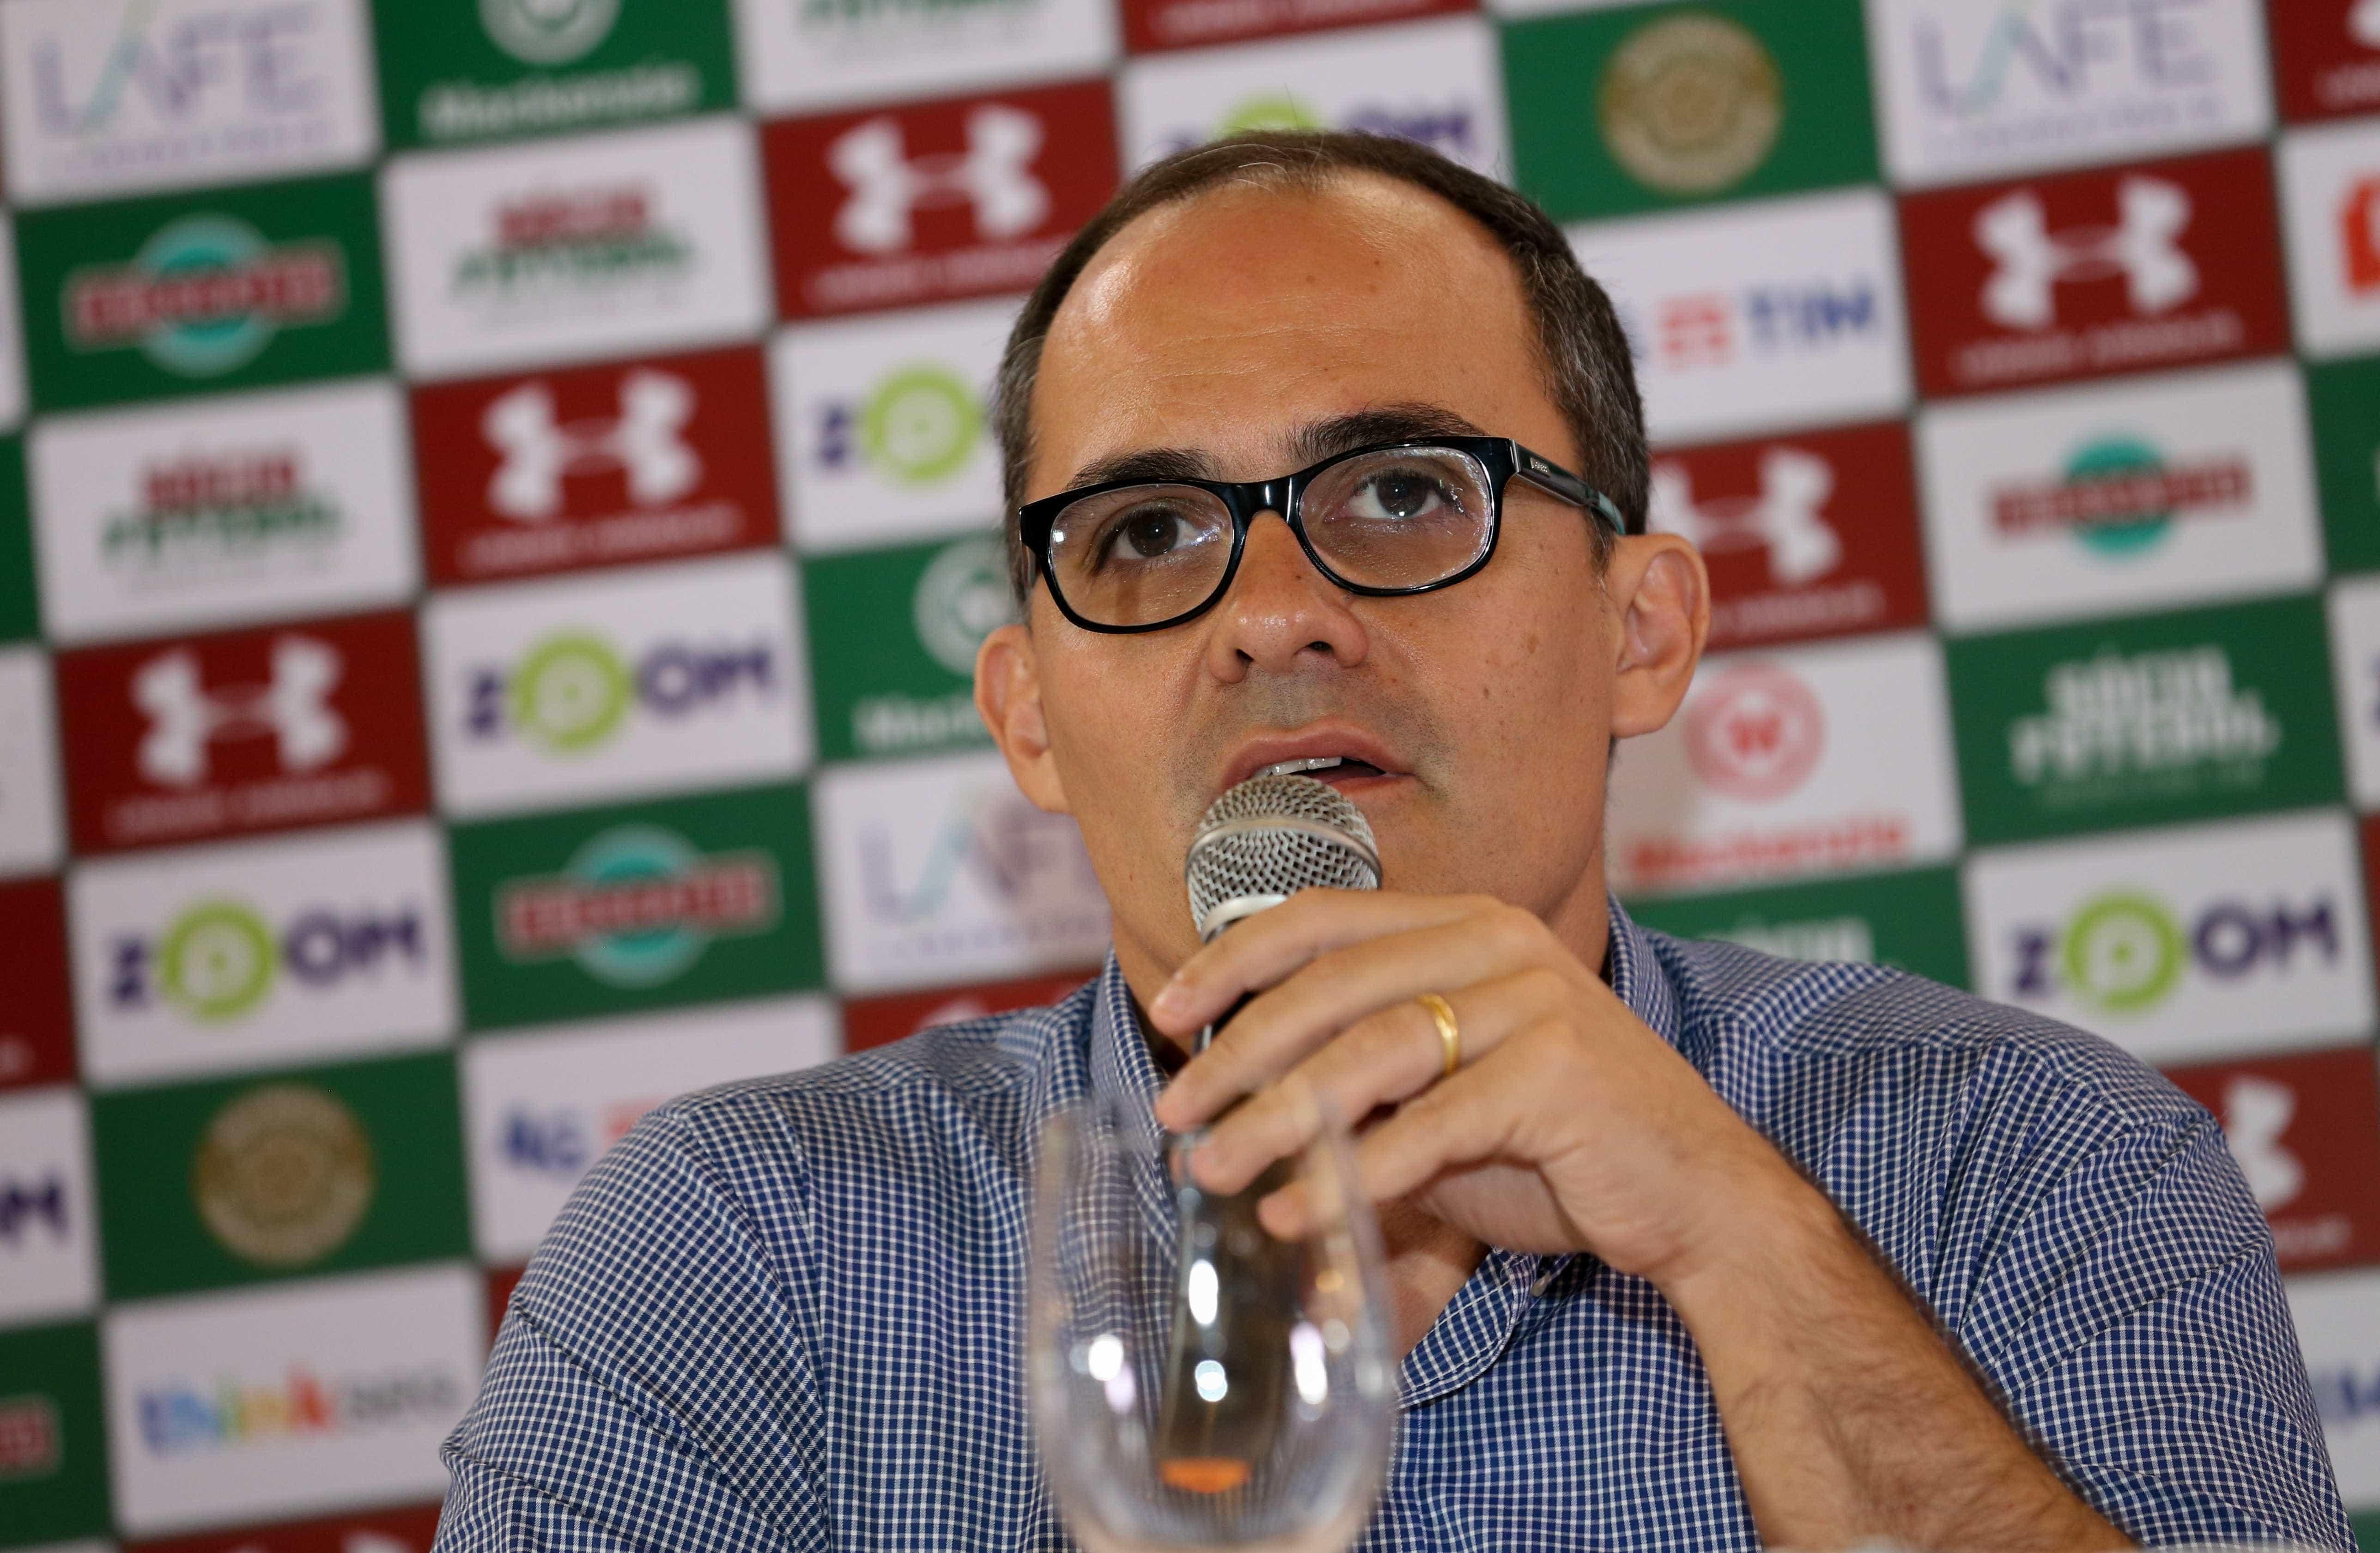 Pressionado, presidente do Fluminense avalia renunciar ao cargo